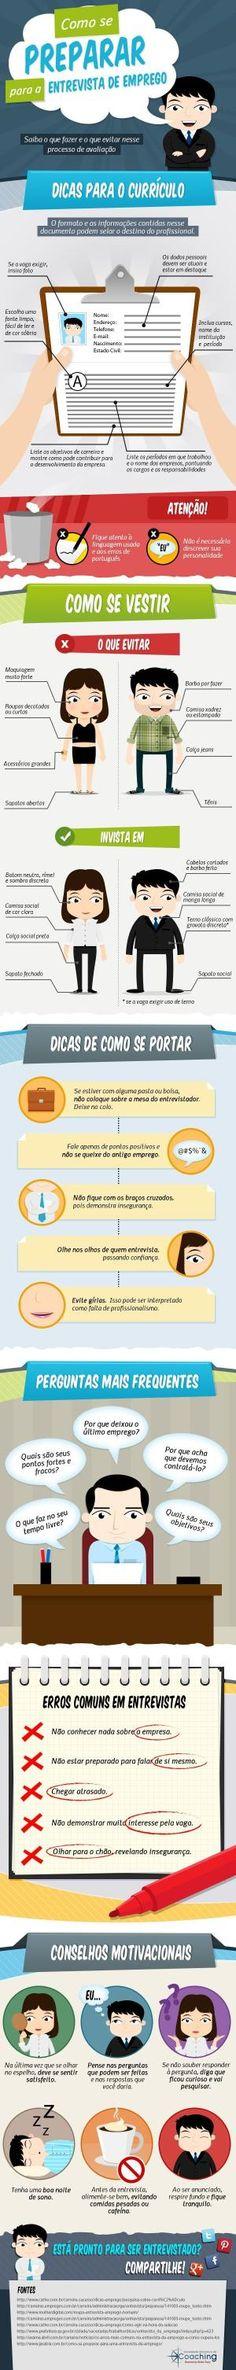 #HR Infográfico com dicas para entrevista de emprego – SBCoaching.com.br by olivialight